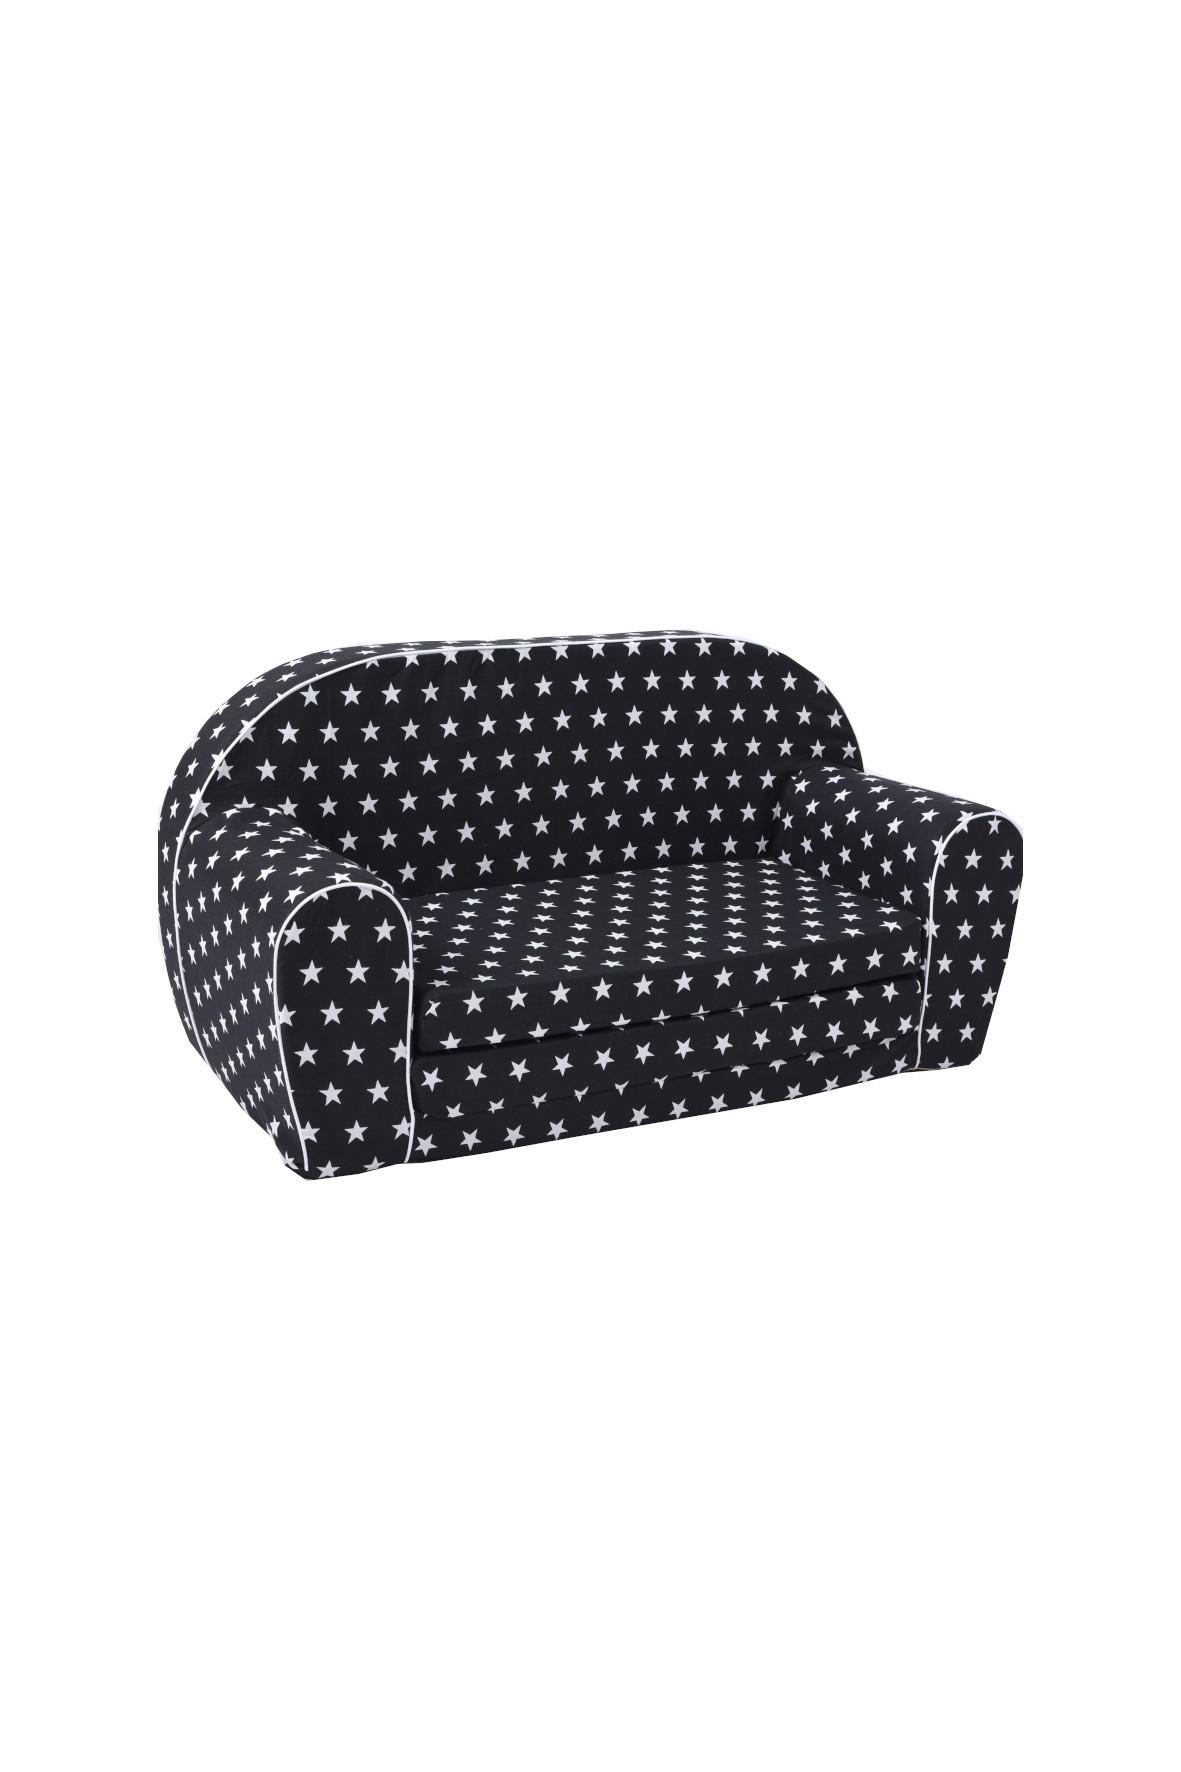 Czarna sofa w białe gwiazdki